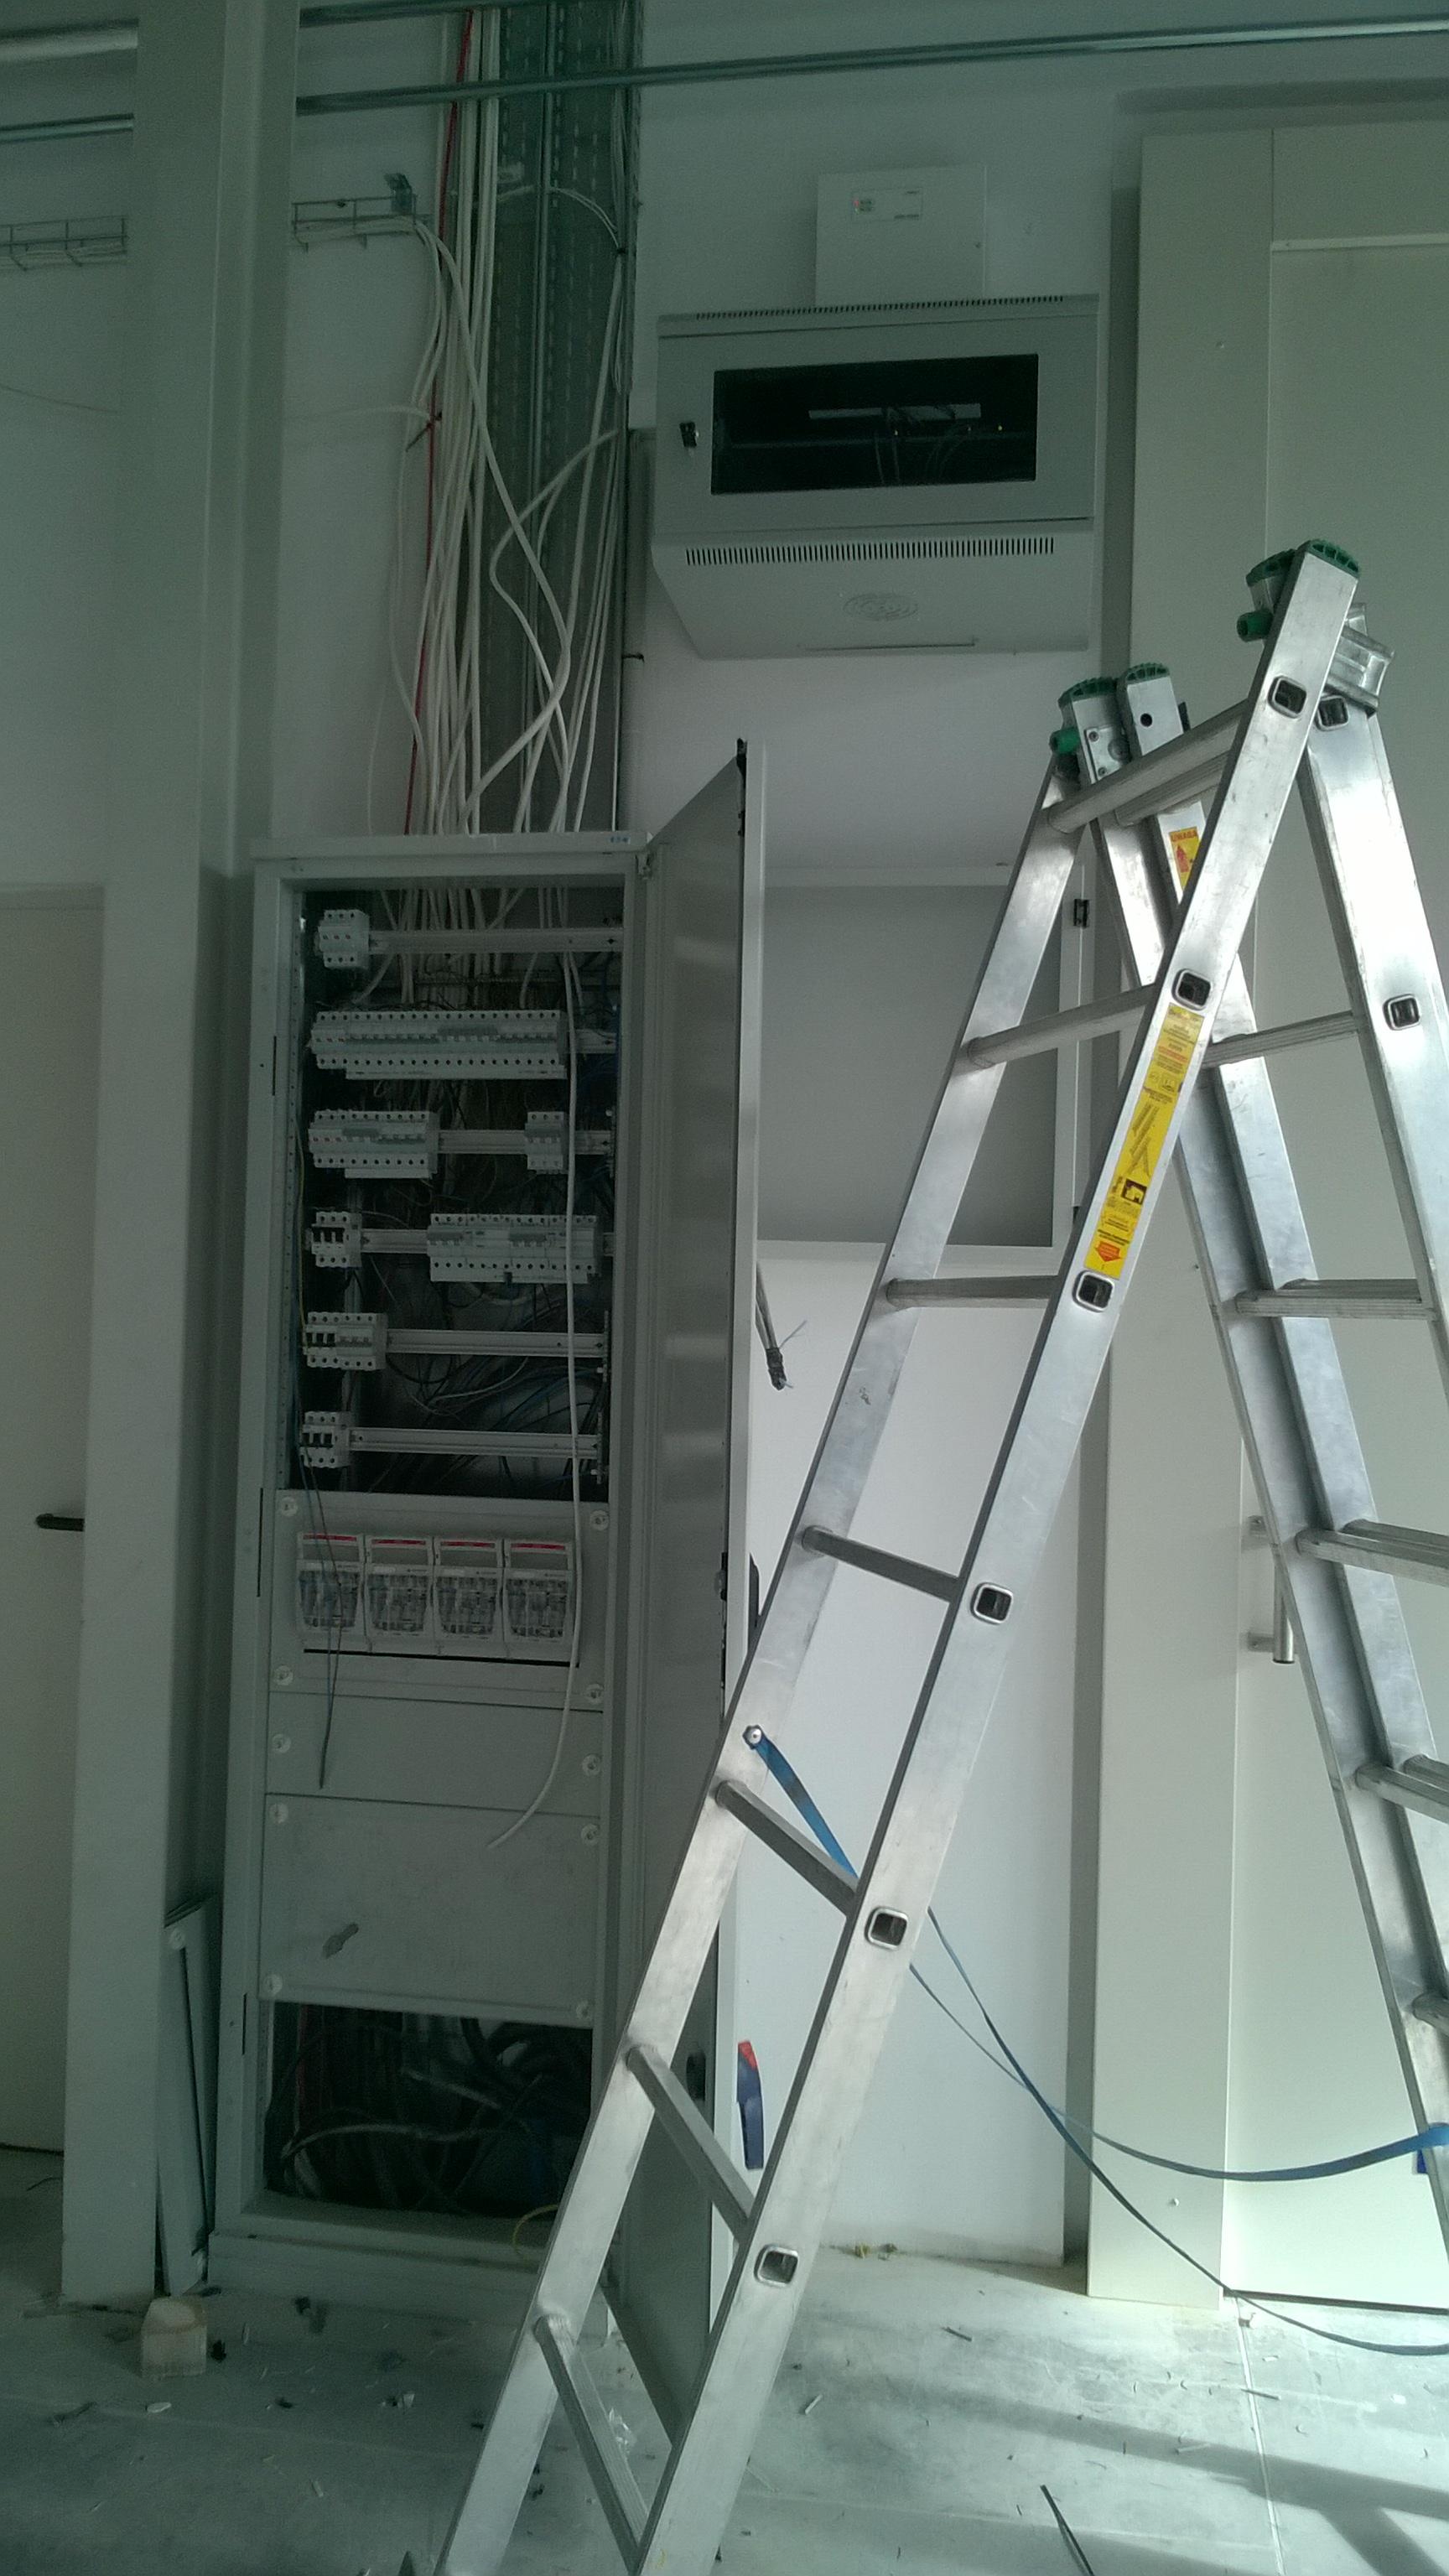 Wykonaliśmy sieć LAN, Monitoring, Alarm, KD oraz instalację elektryczną w gabinecie lekarskim Kraśnik